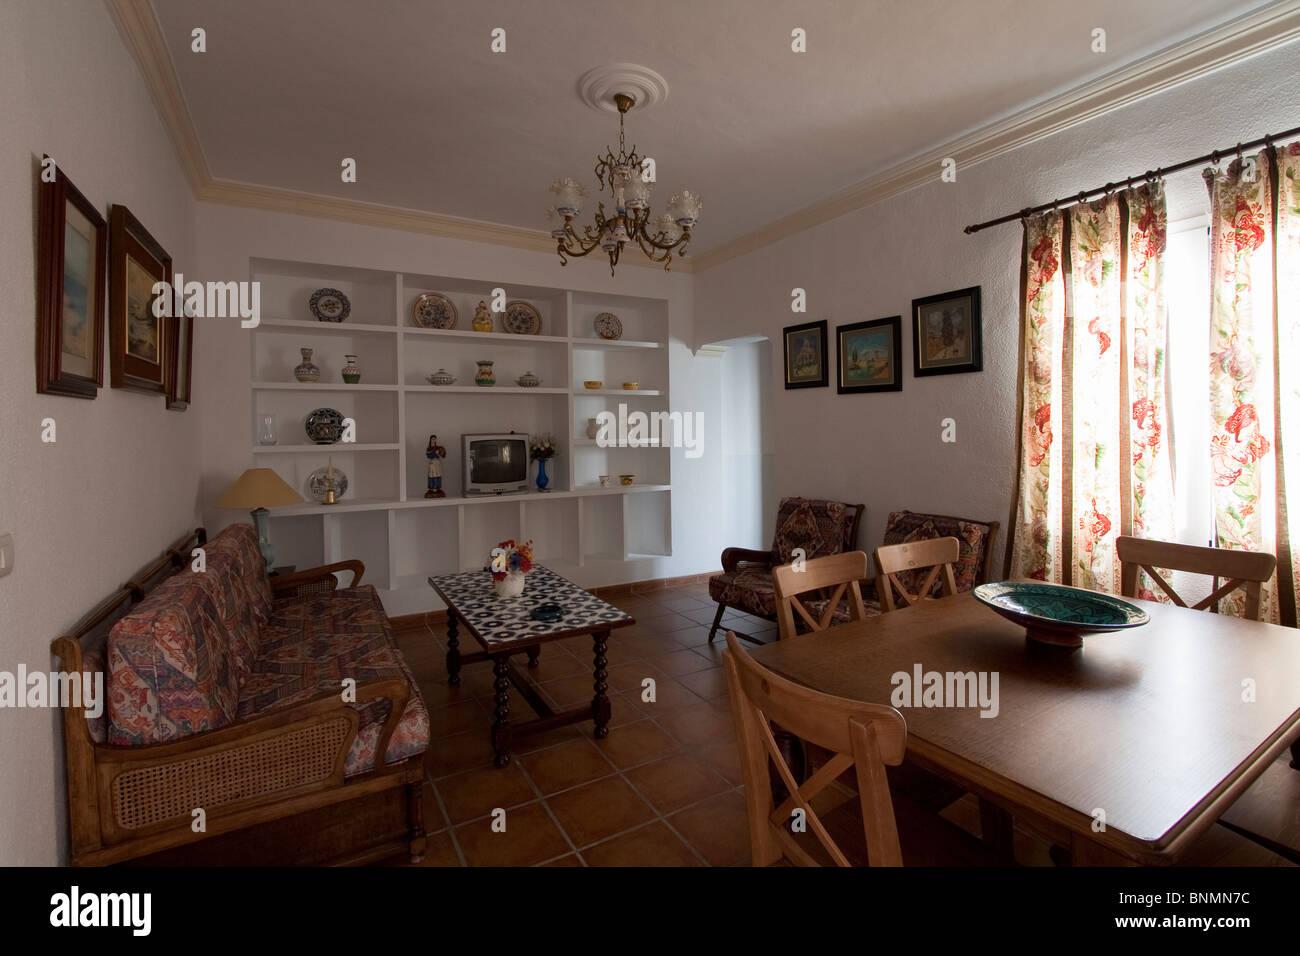 Ein Wohnzimmer in ein traditionelles spanisches Haus Stockfoto, Bild ...